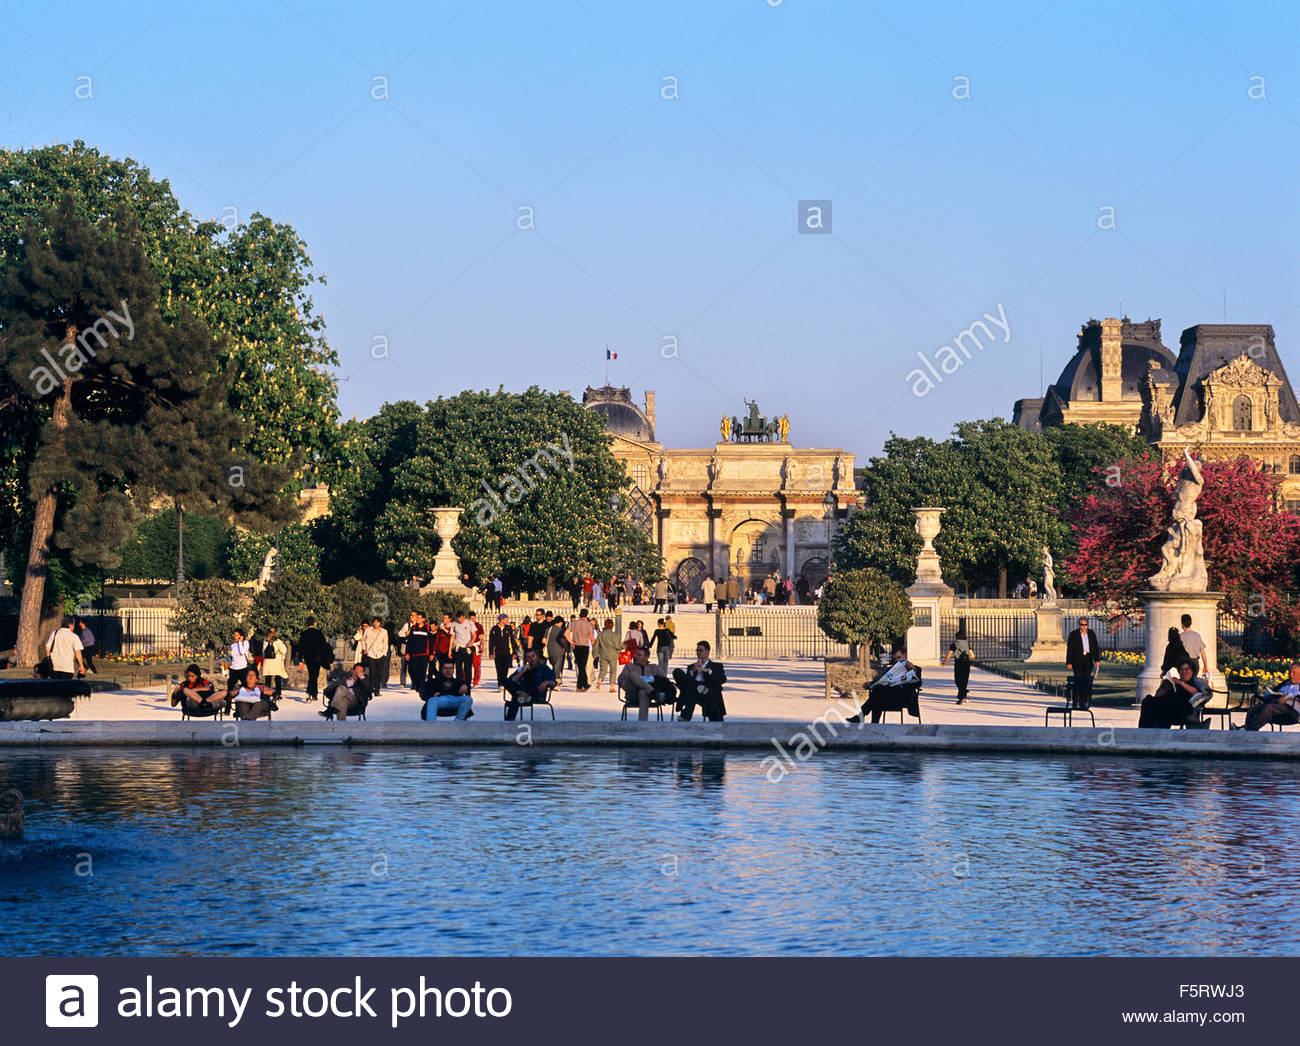 Los parisinos leer, relajarse y pasear por el Grand Bassin, estanque Jardin des Tuileries, Paris, Francia. Foto de stock